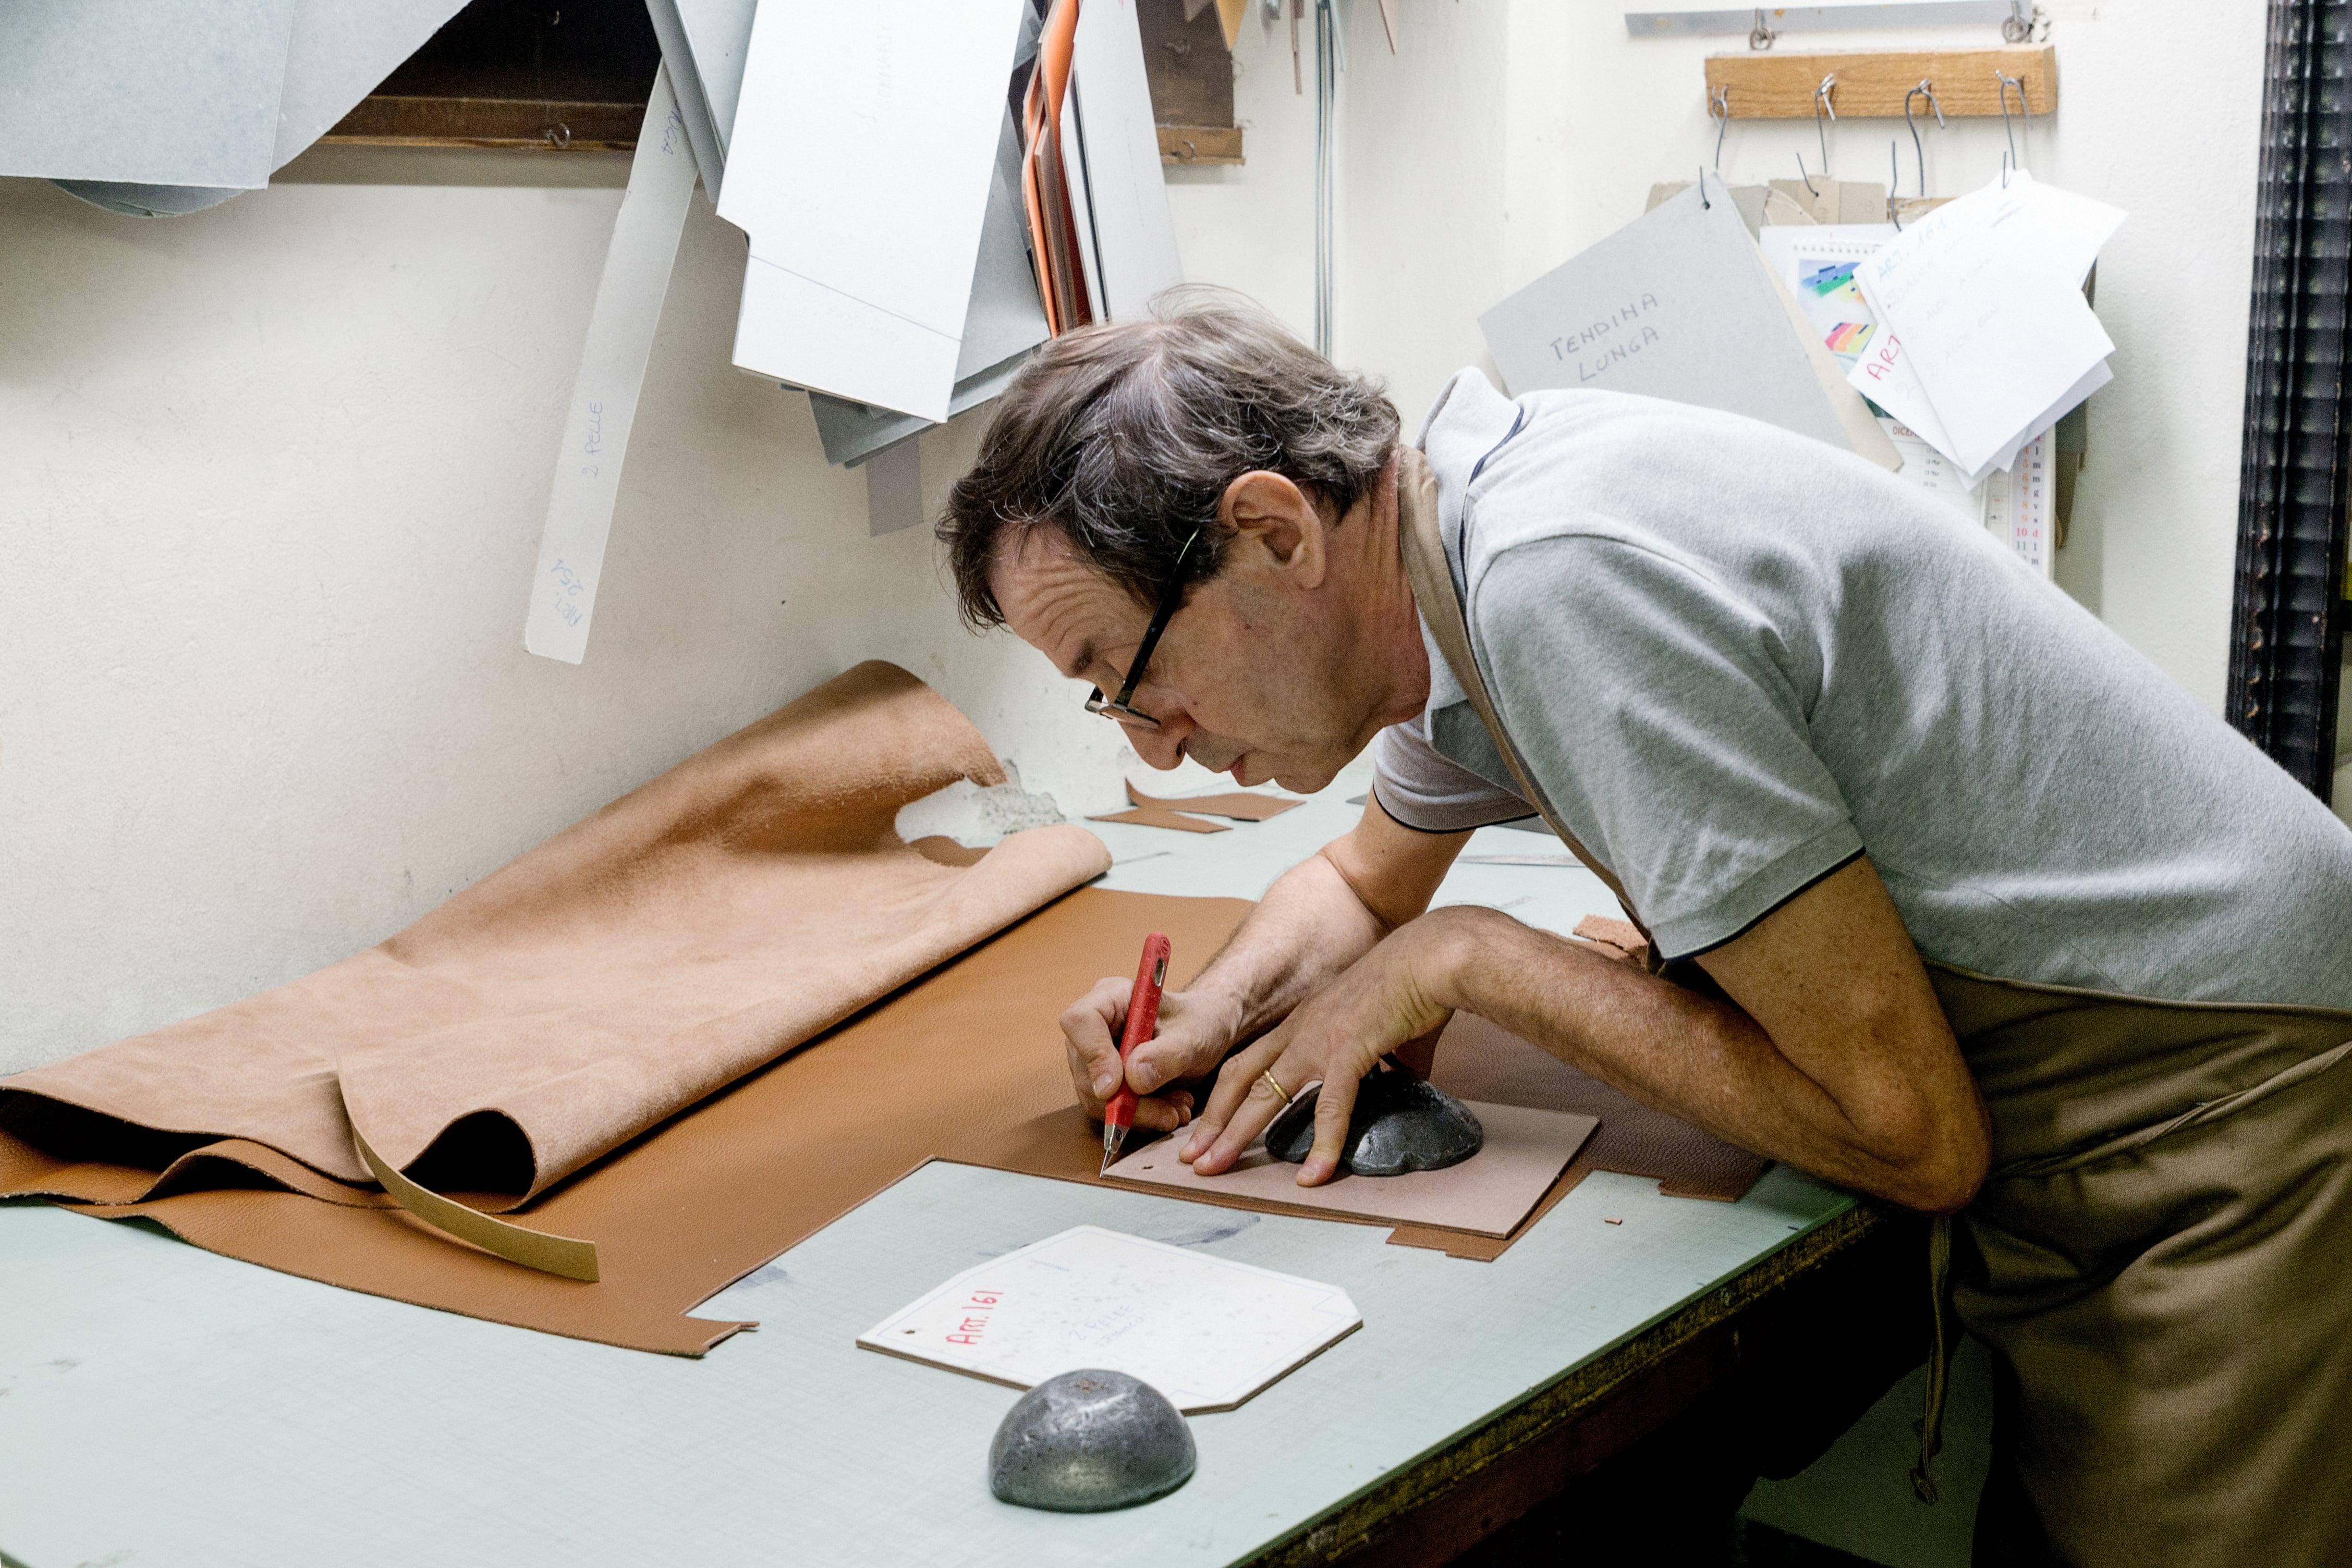 Mirta, piattaforma per artigiani Made in Italy: artigiano che progetta